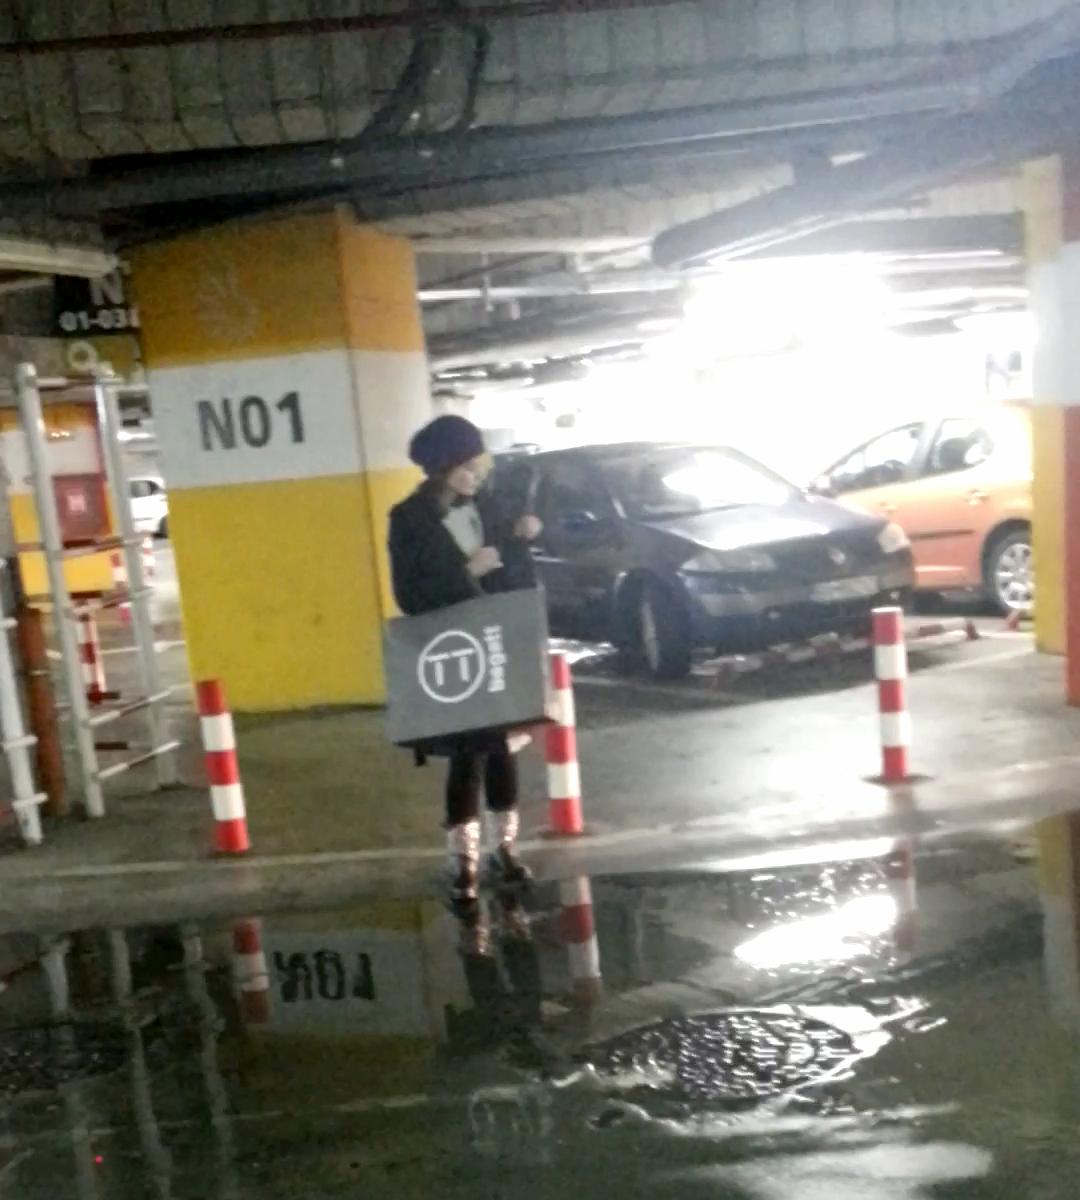 Dupa ce si-a cautat cheile in poseta, Oana Sarbu se indreapta linistita spre masina